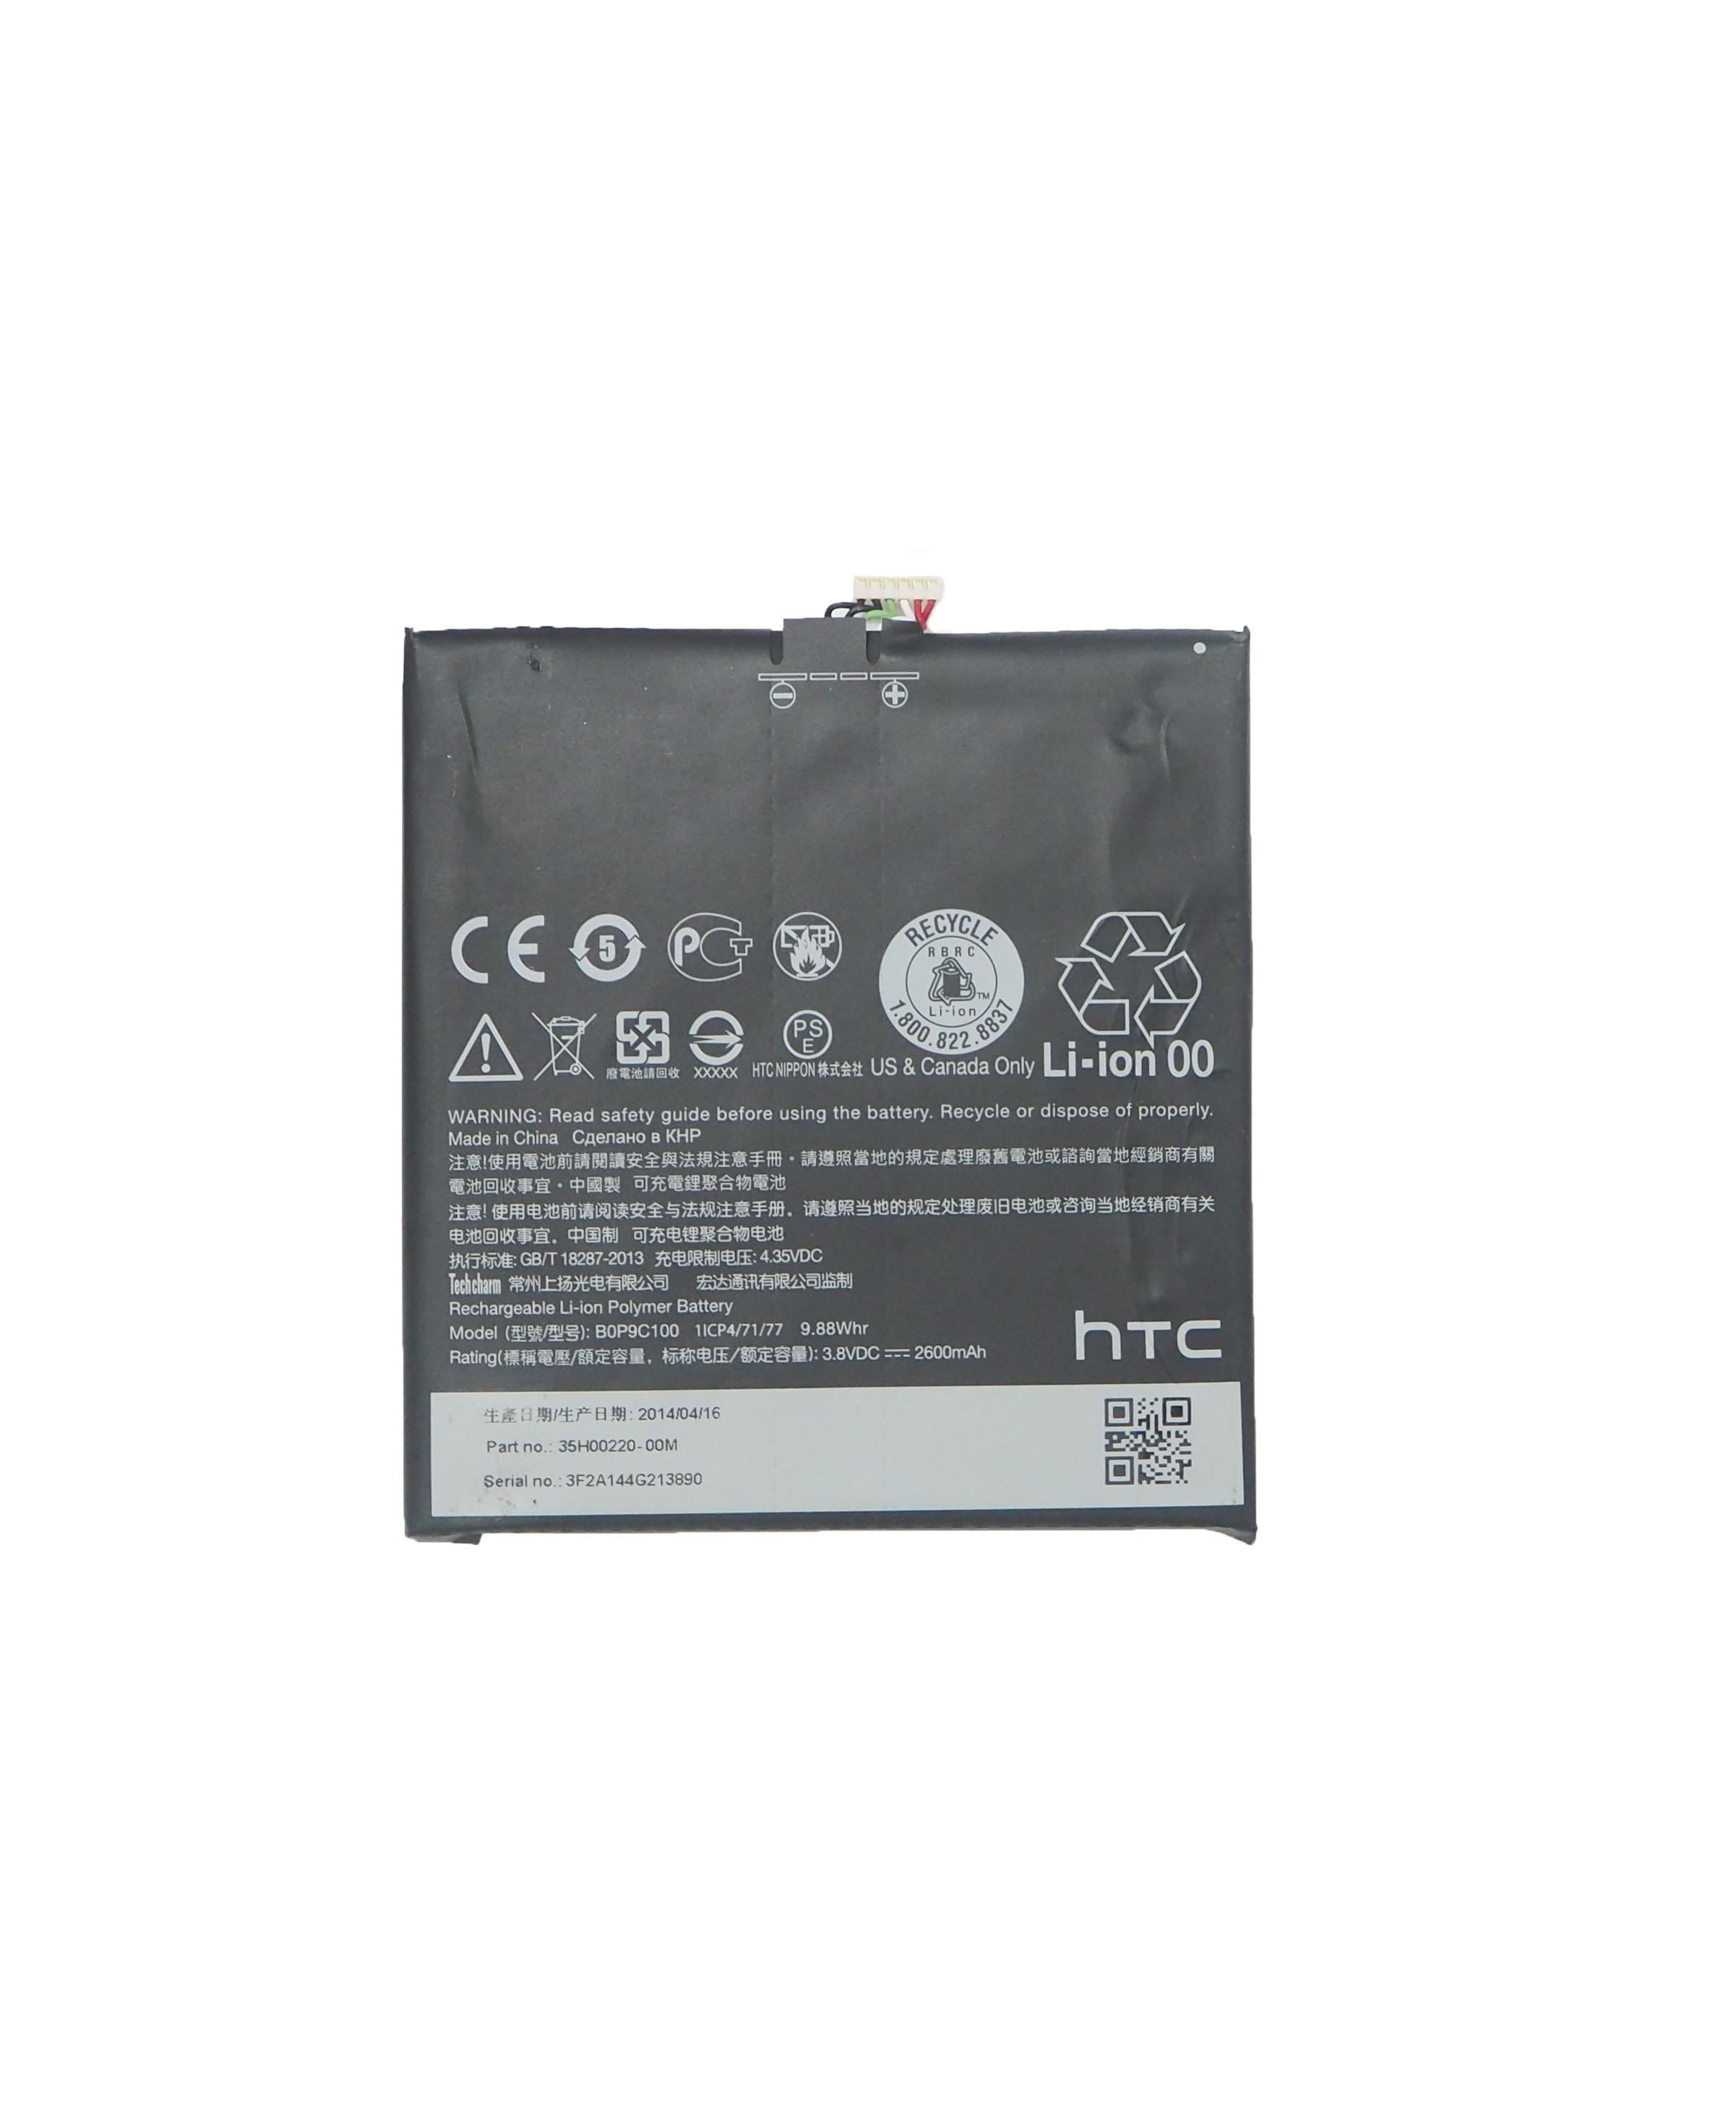 เปลี่ยนแบตเตอรี่ HTC DESIRE 816 แบตเสื่อม แบตเสีย รับประกัน 6 เดือน